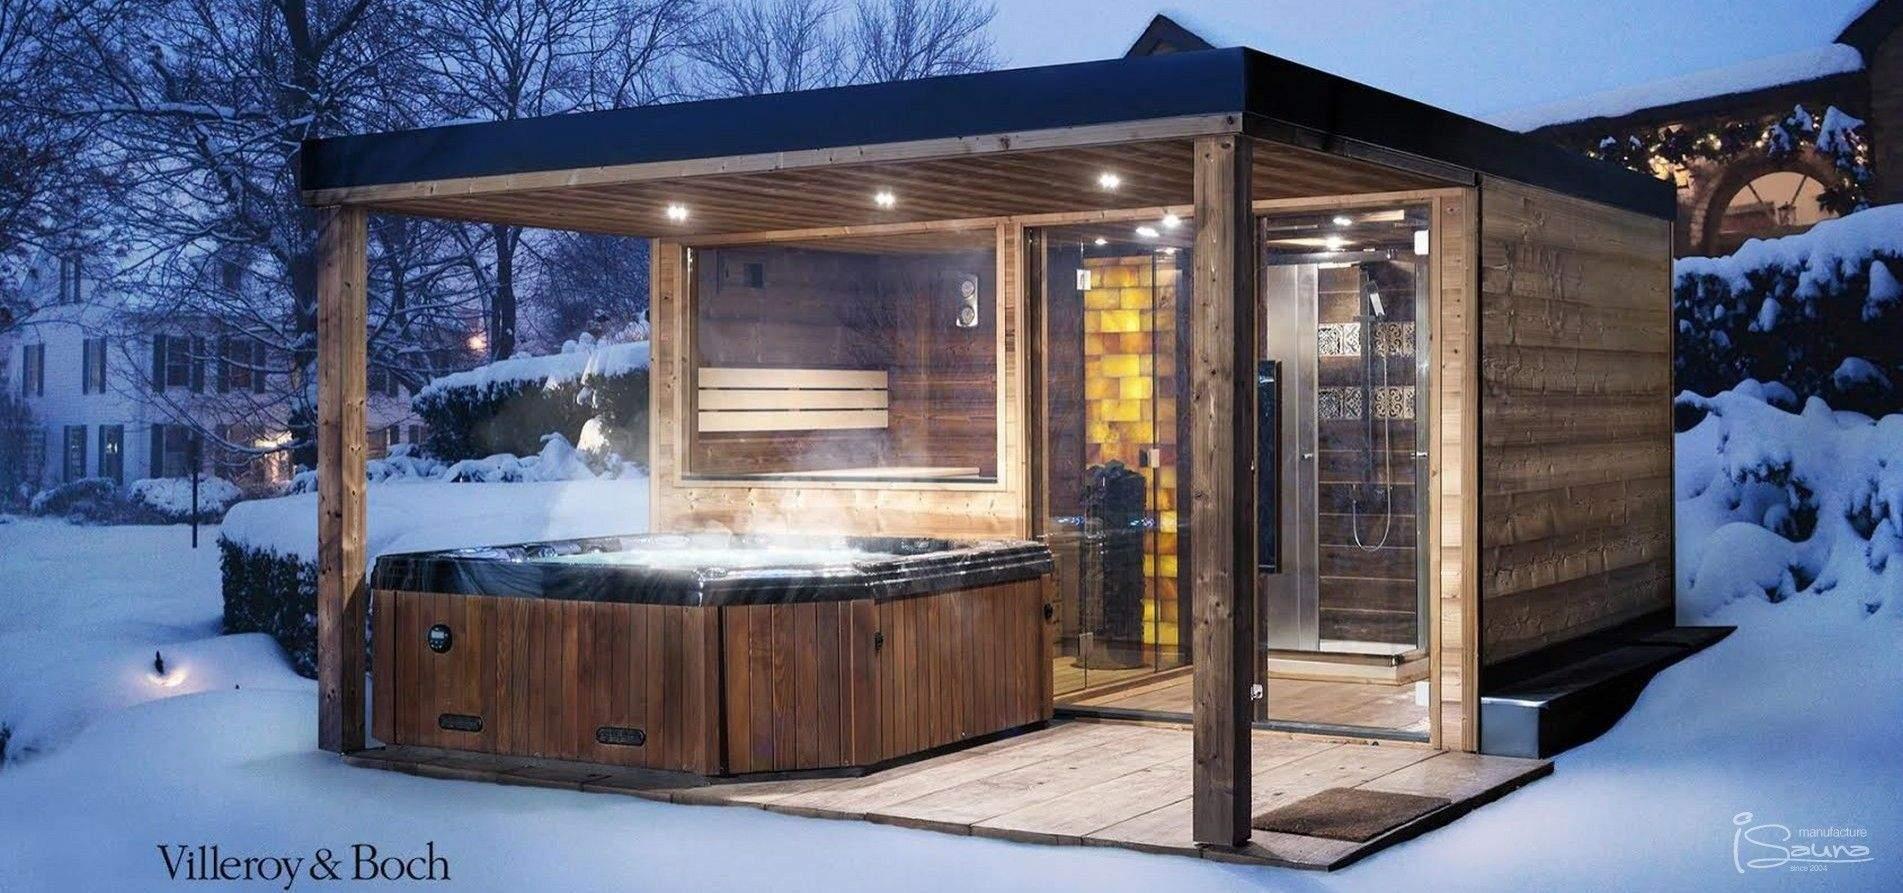 sauna im garten luxus garden sauna house with whirlpool in 2019 of sauna im garten